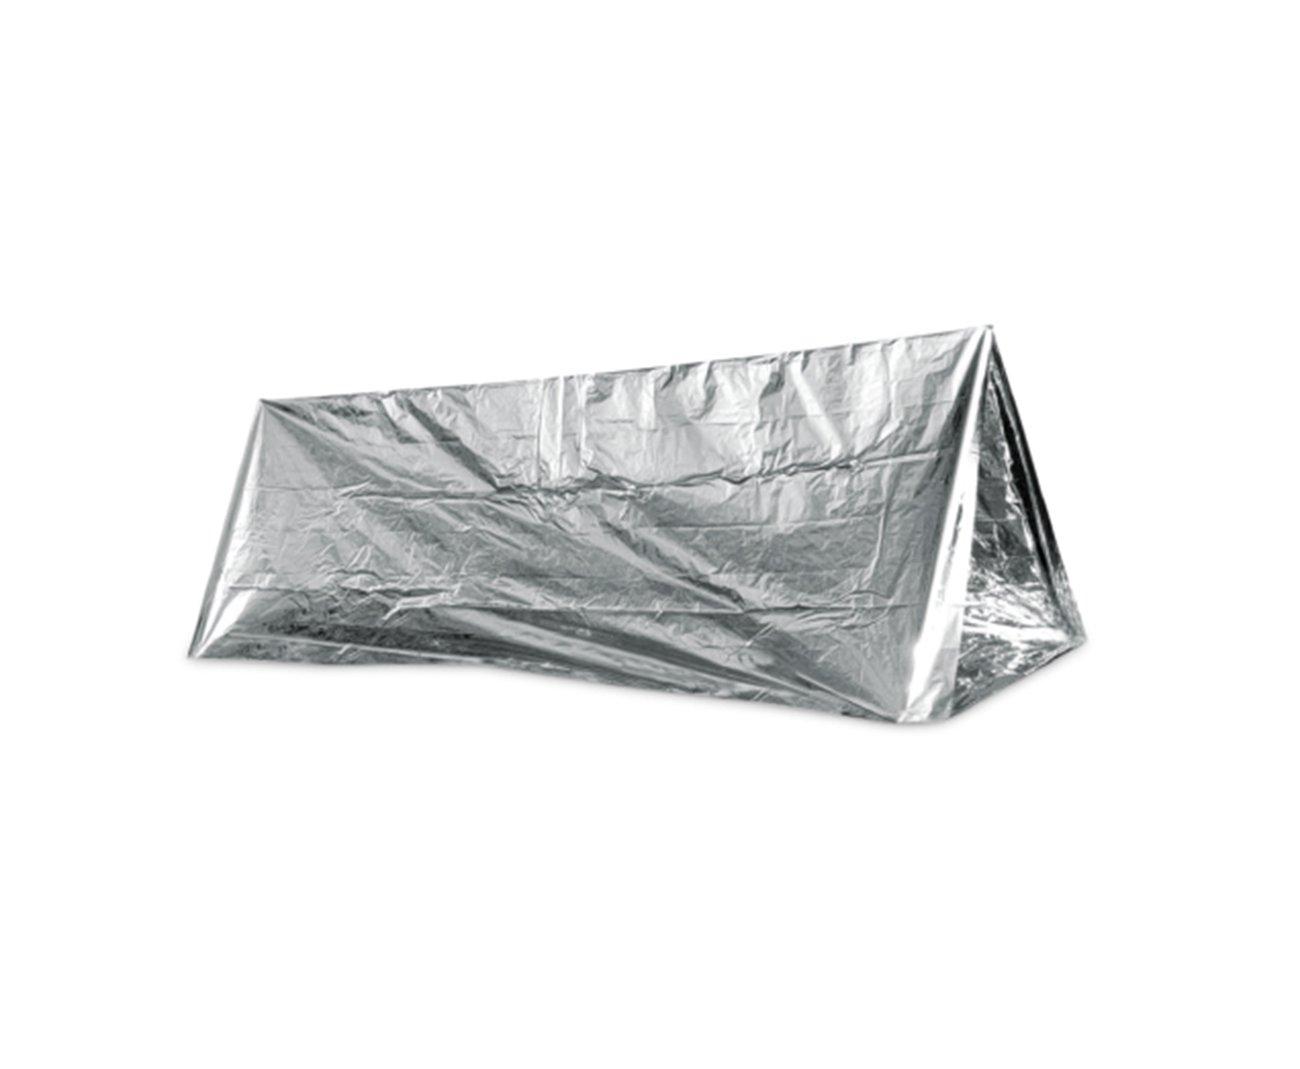 Barraca De Emergencia Em Aluminio - Echolife